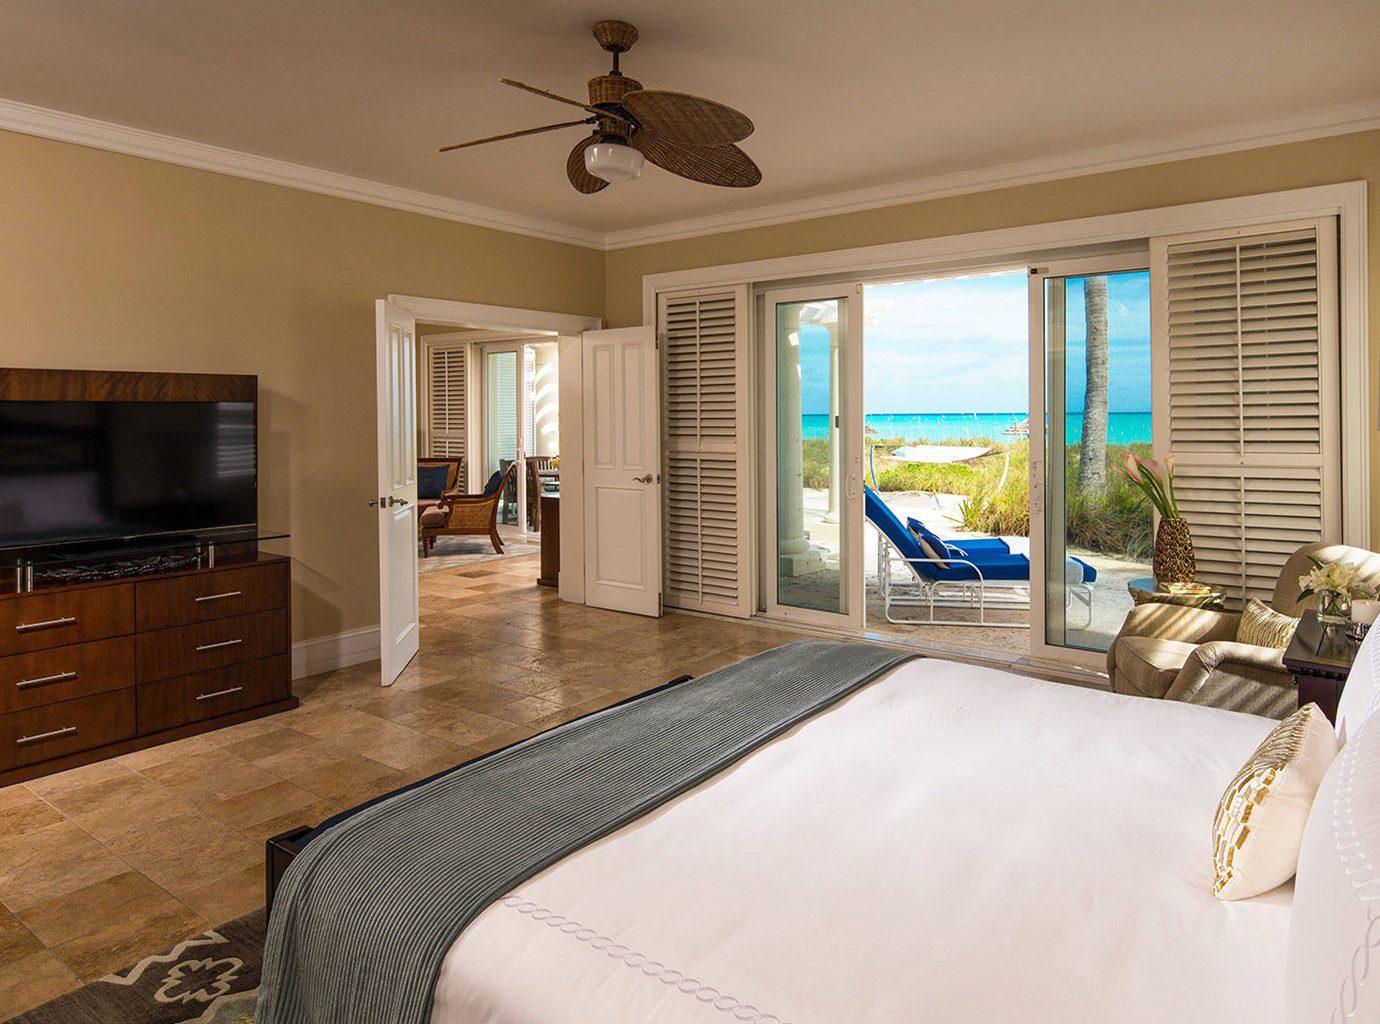 Bedroom at Sandals Emerald Bay